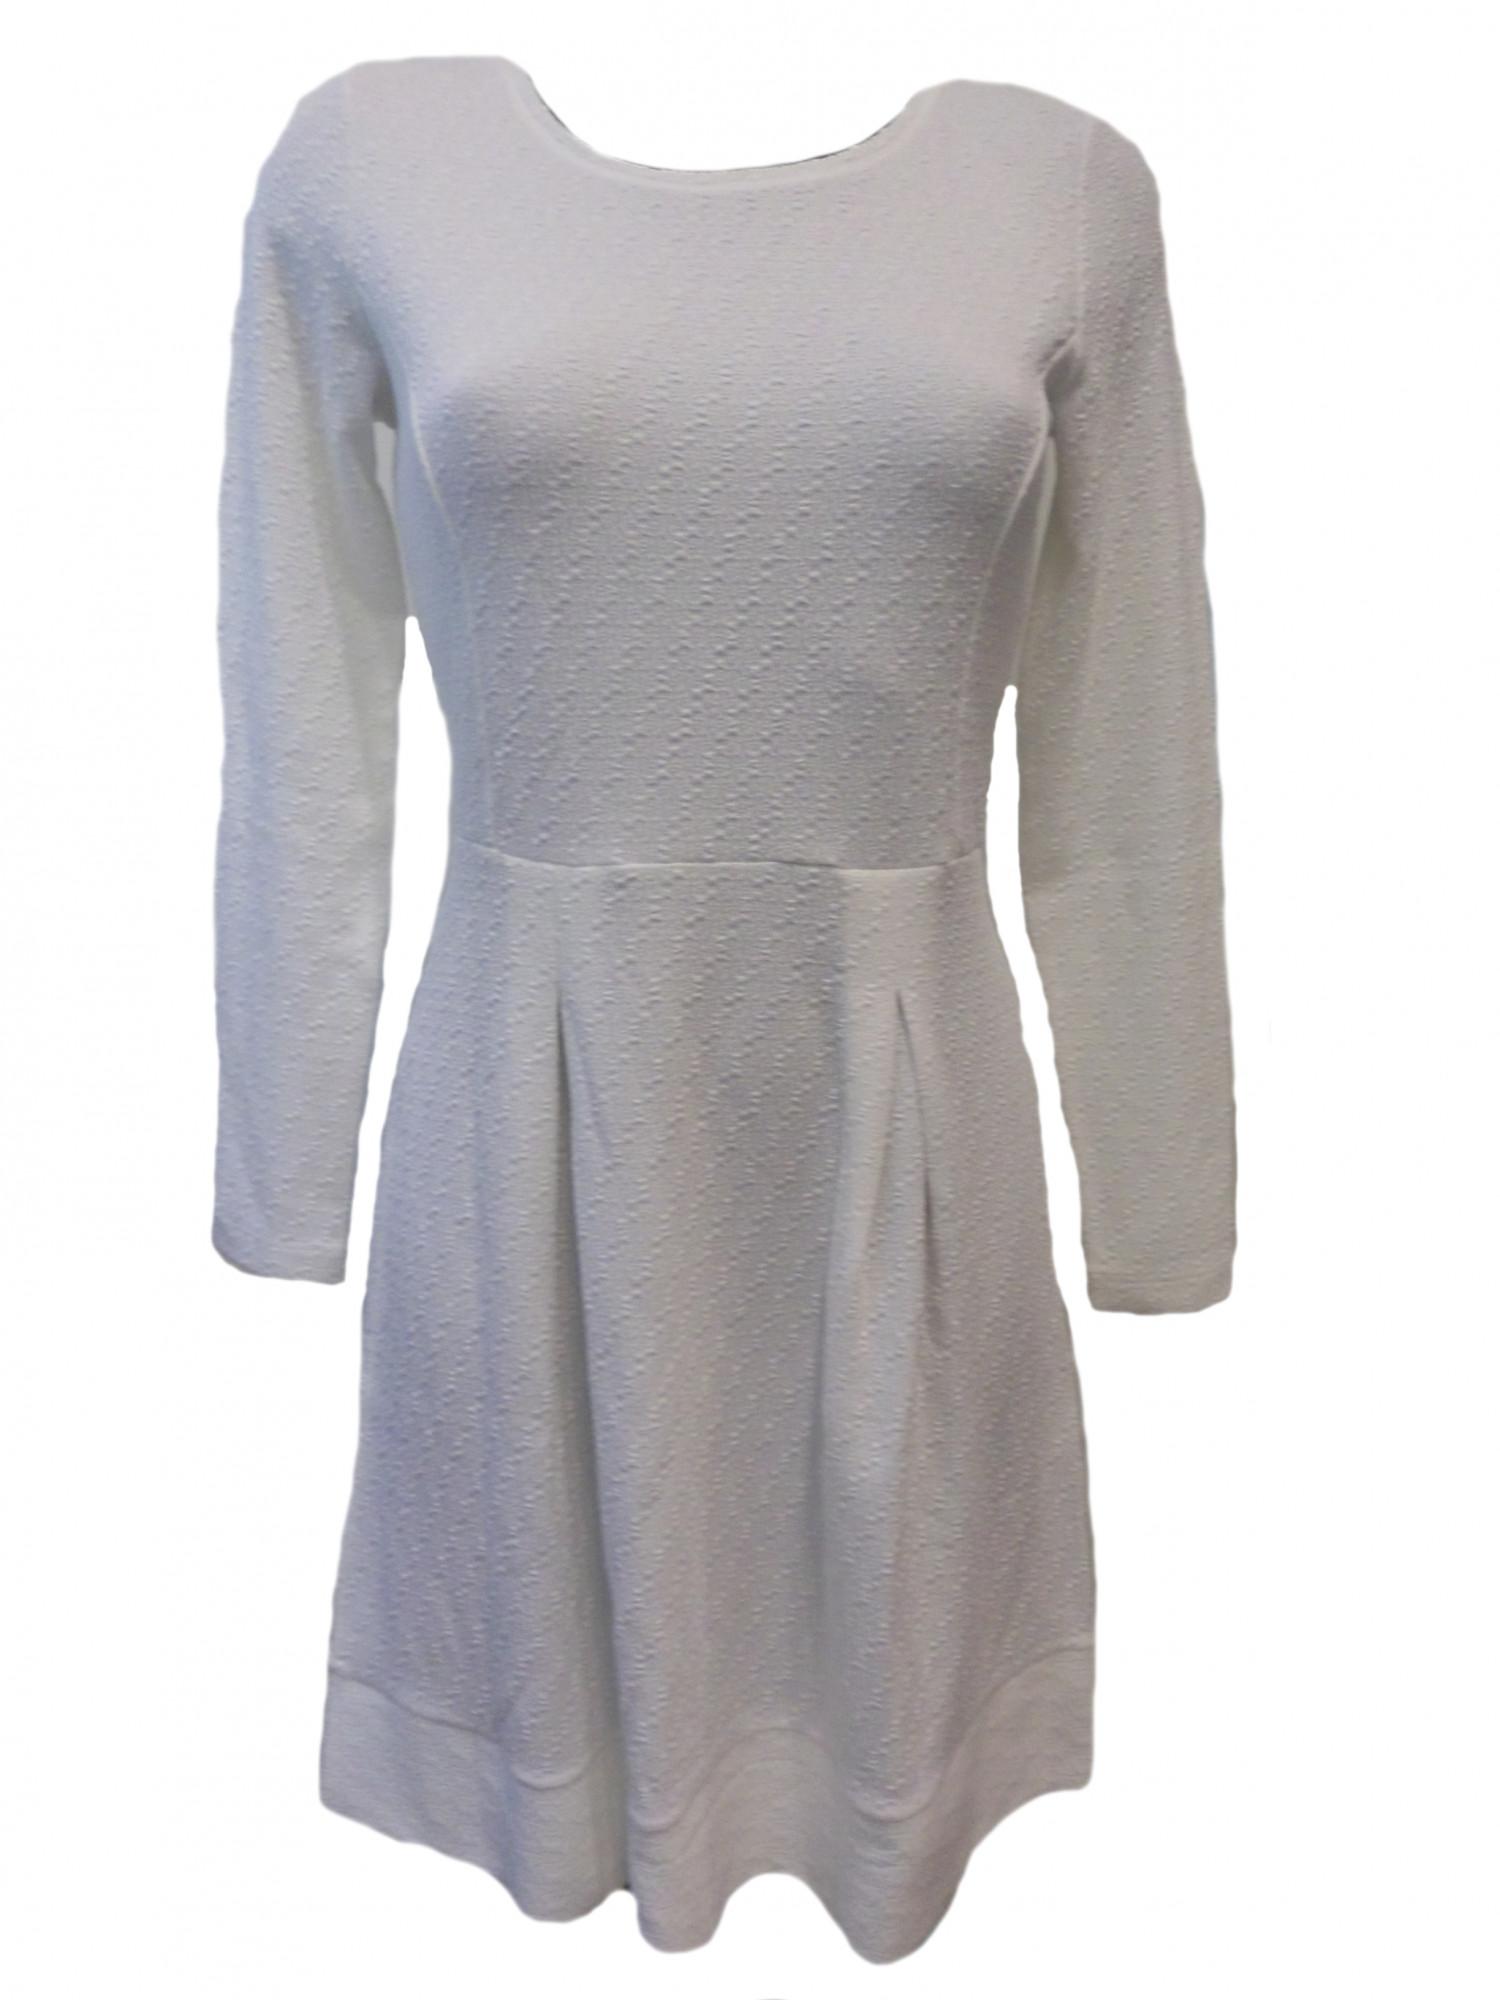 Šaty Ovan DR 01P - Favab smetanová M